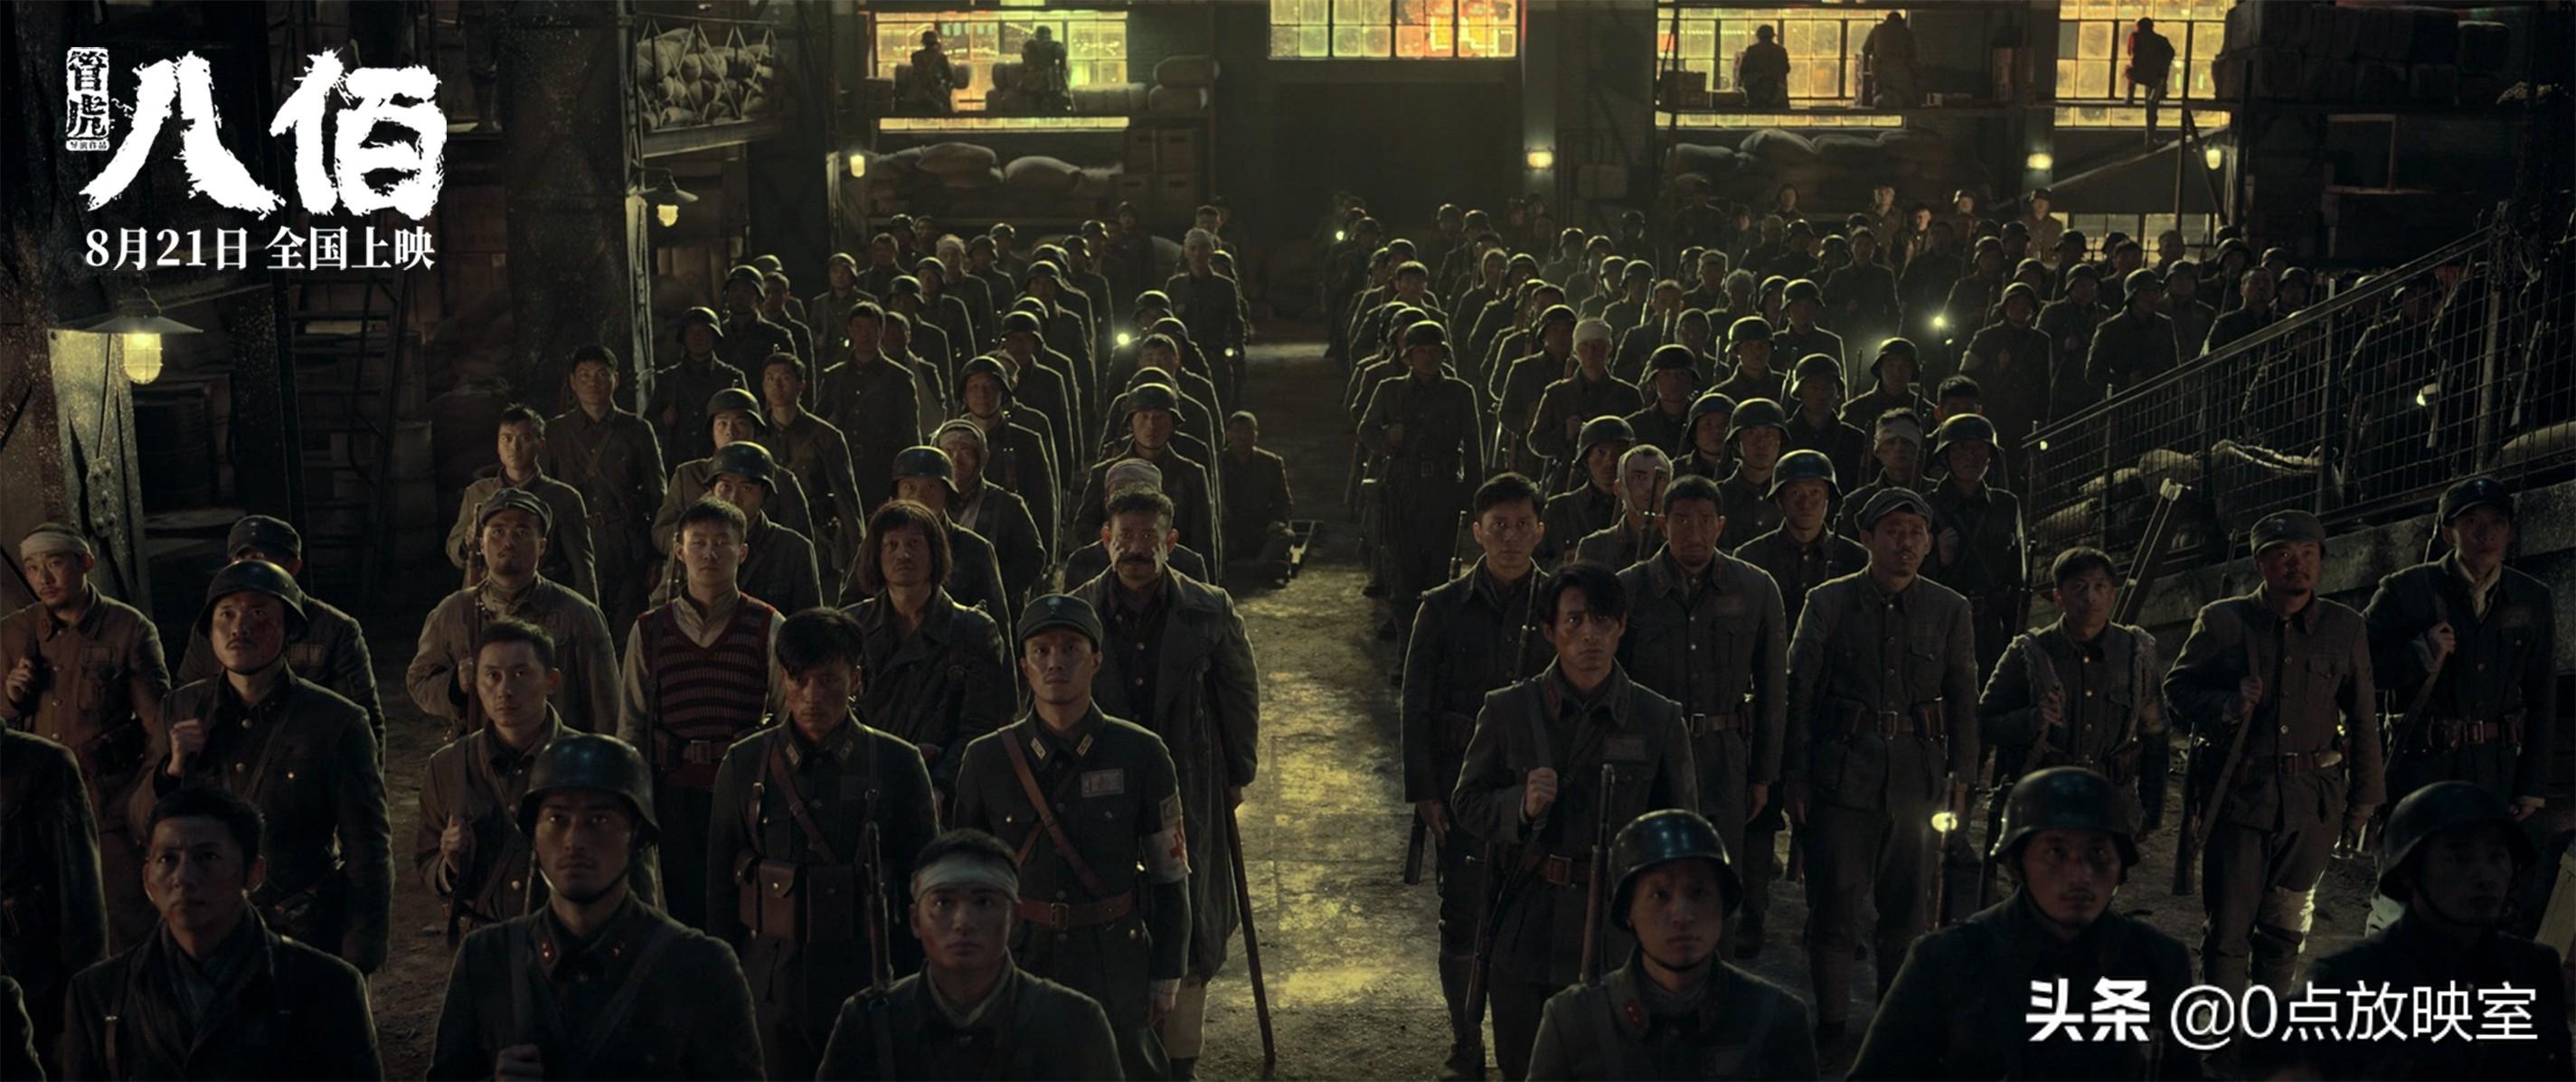 吴京盛赞《八佰》:它让中国战争片又上了一个台阶